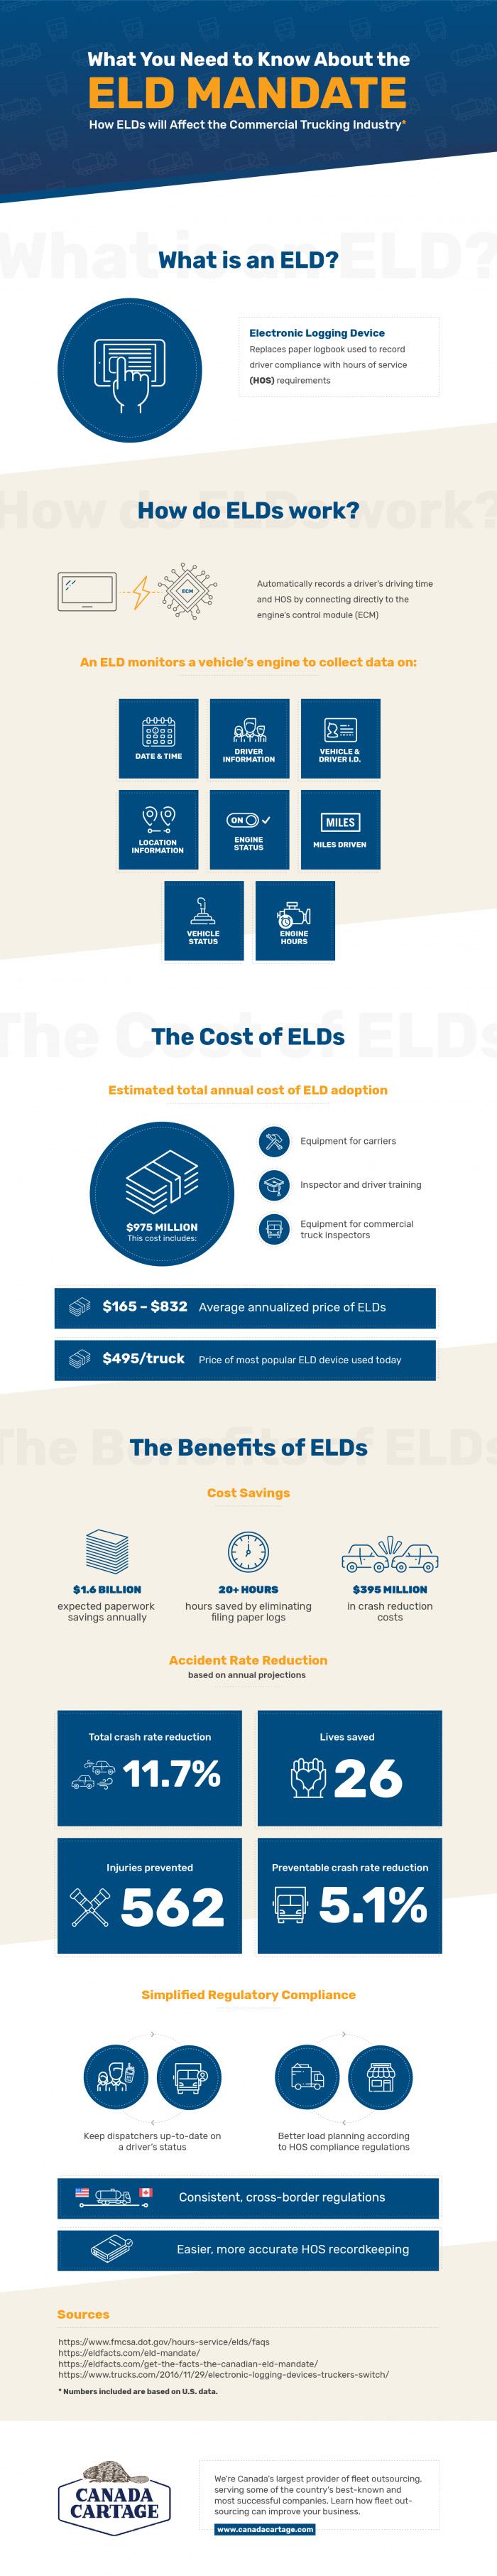 ELD Mandate Facts